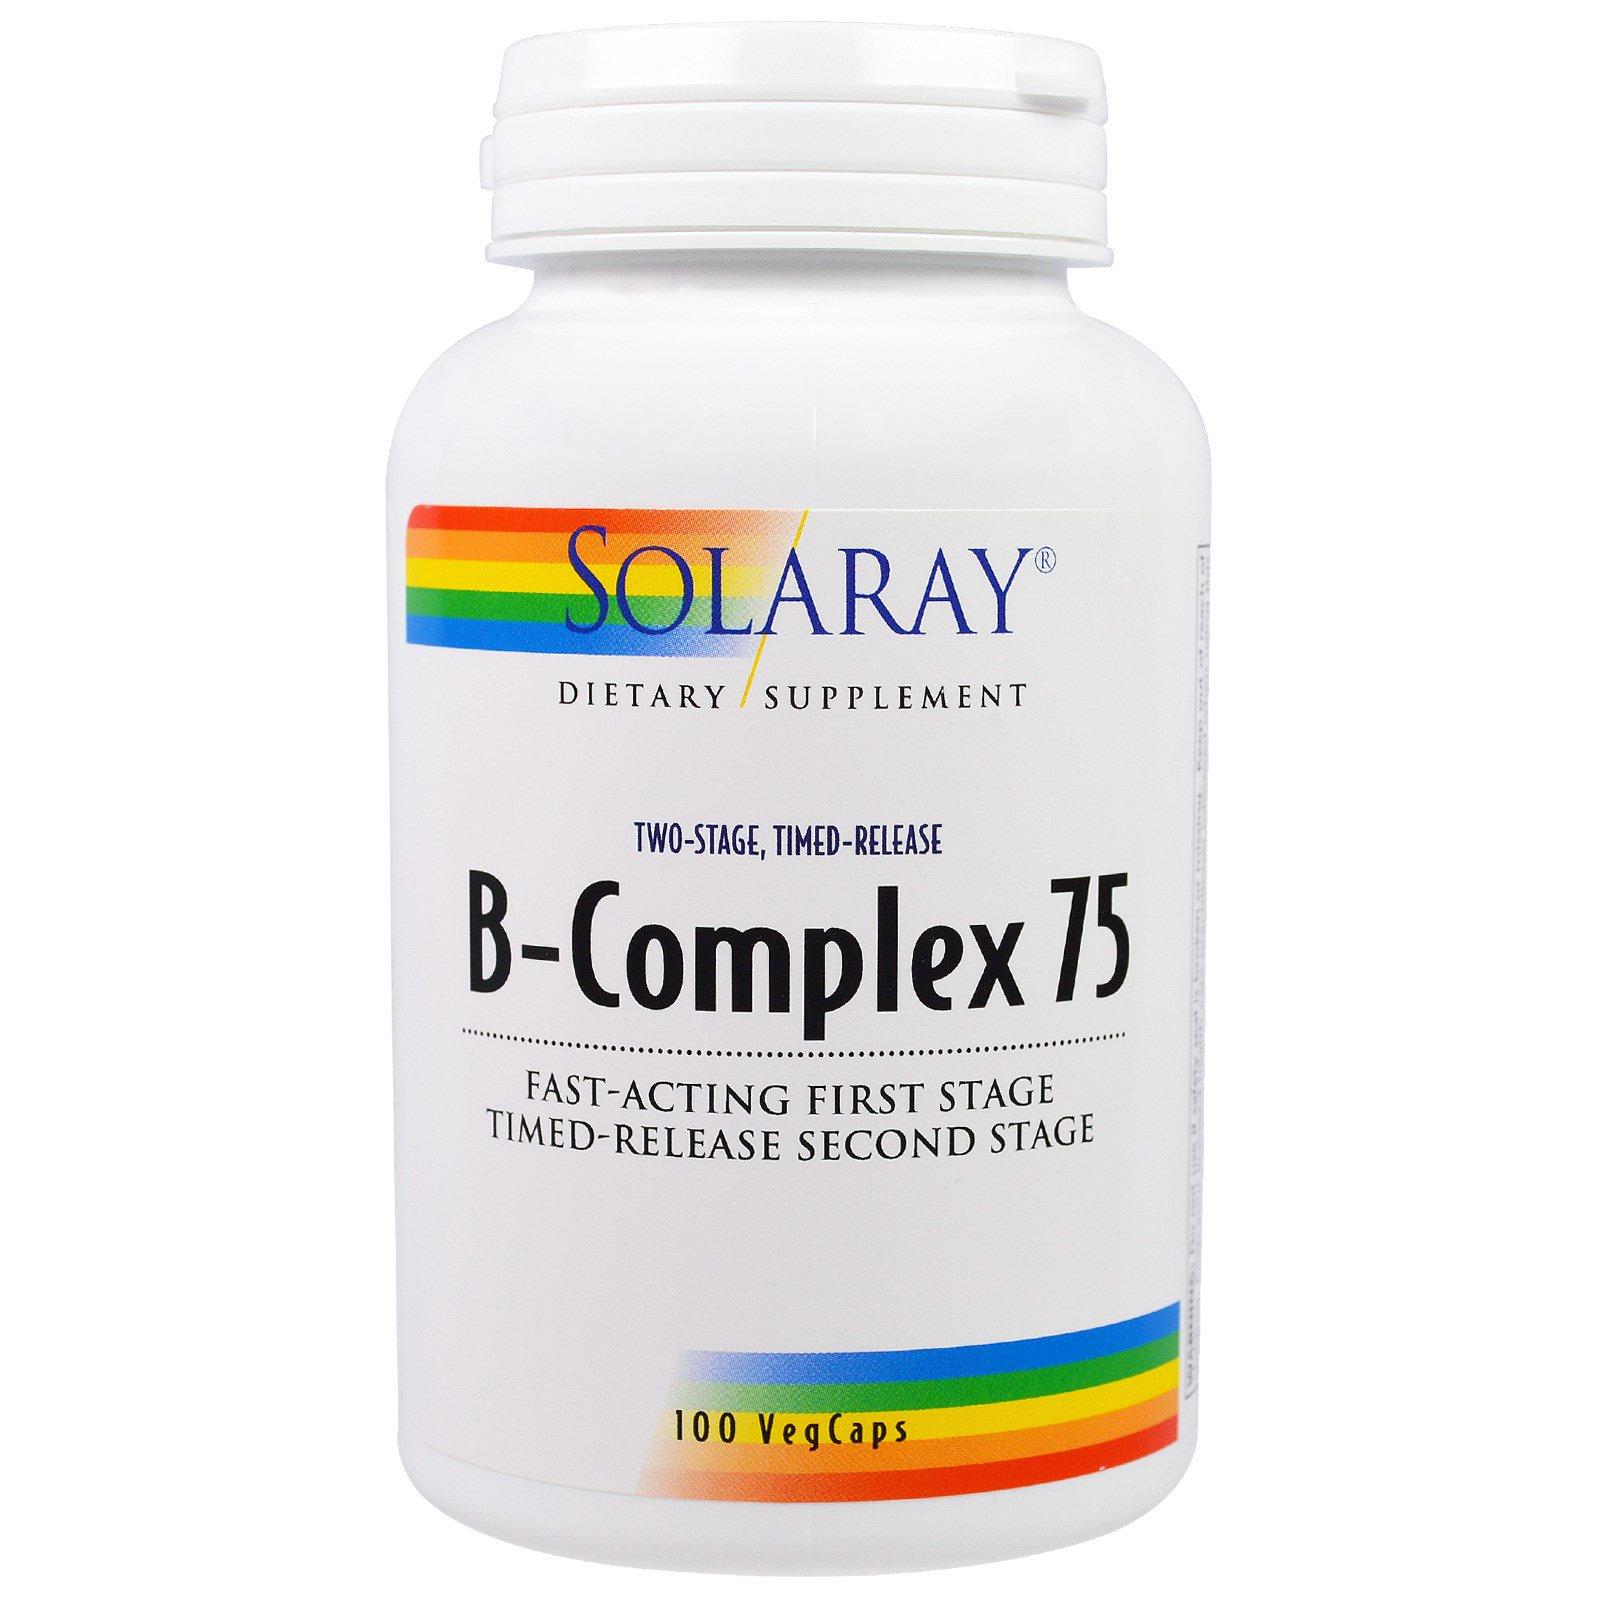 Solaray, B-комплекс 75,  двухэтапный, пролонгированное время, 100 вегетарианских капсул